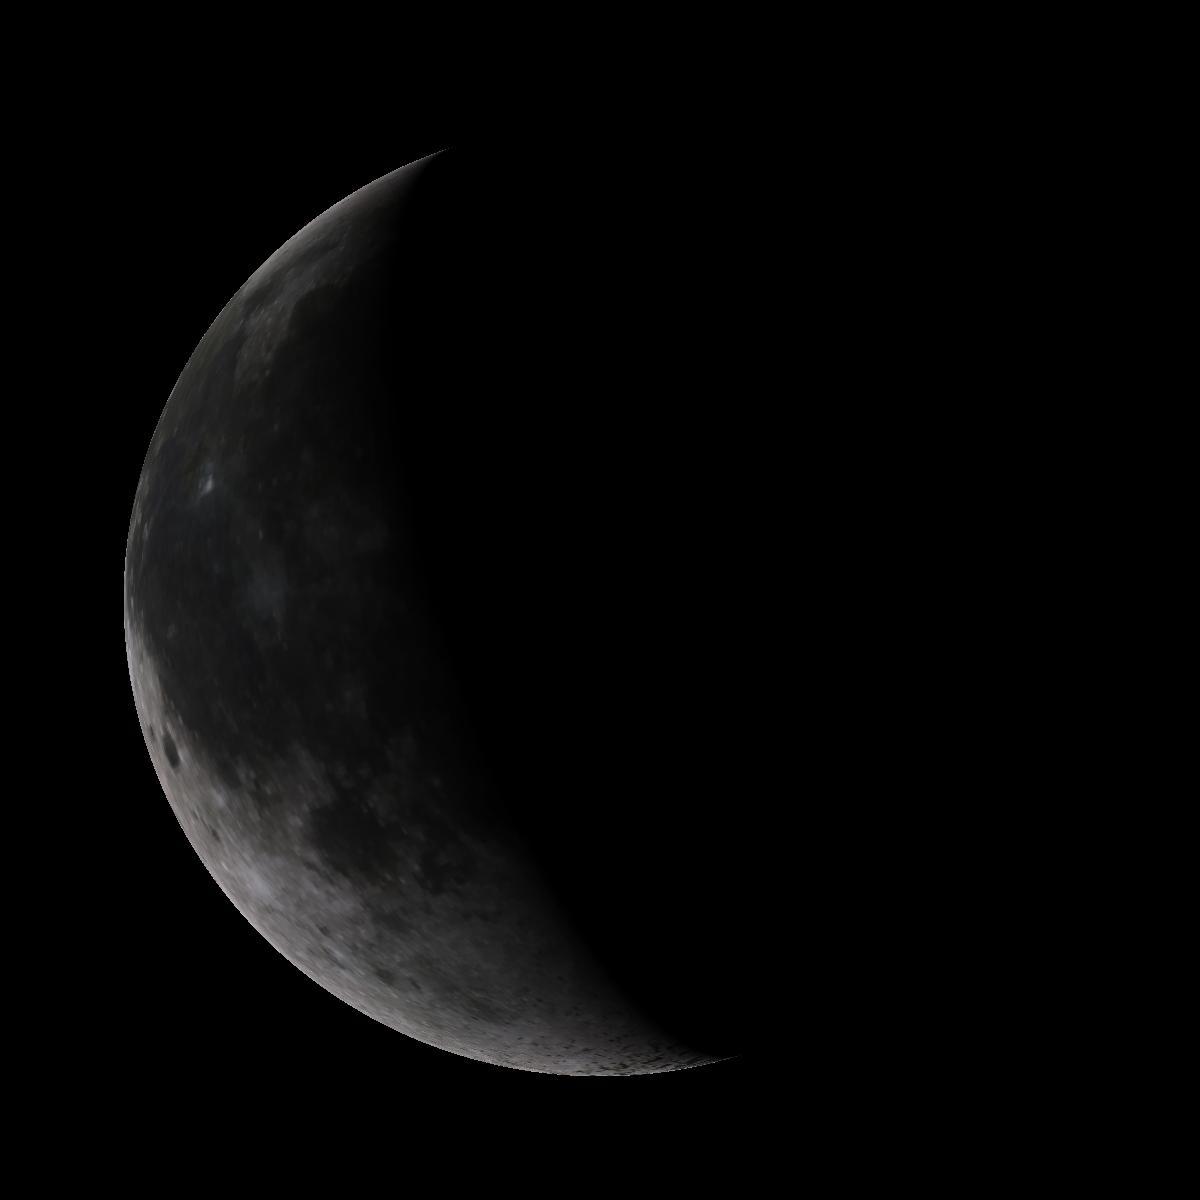 Lune du 19 janvier 2020